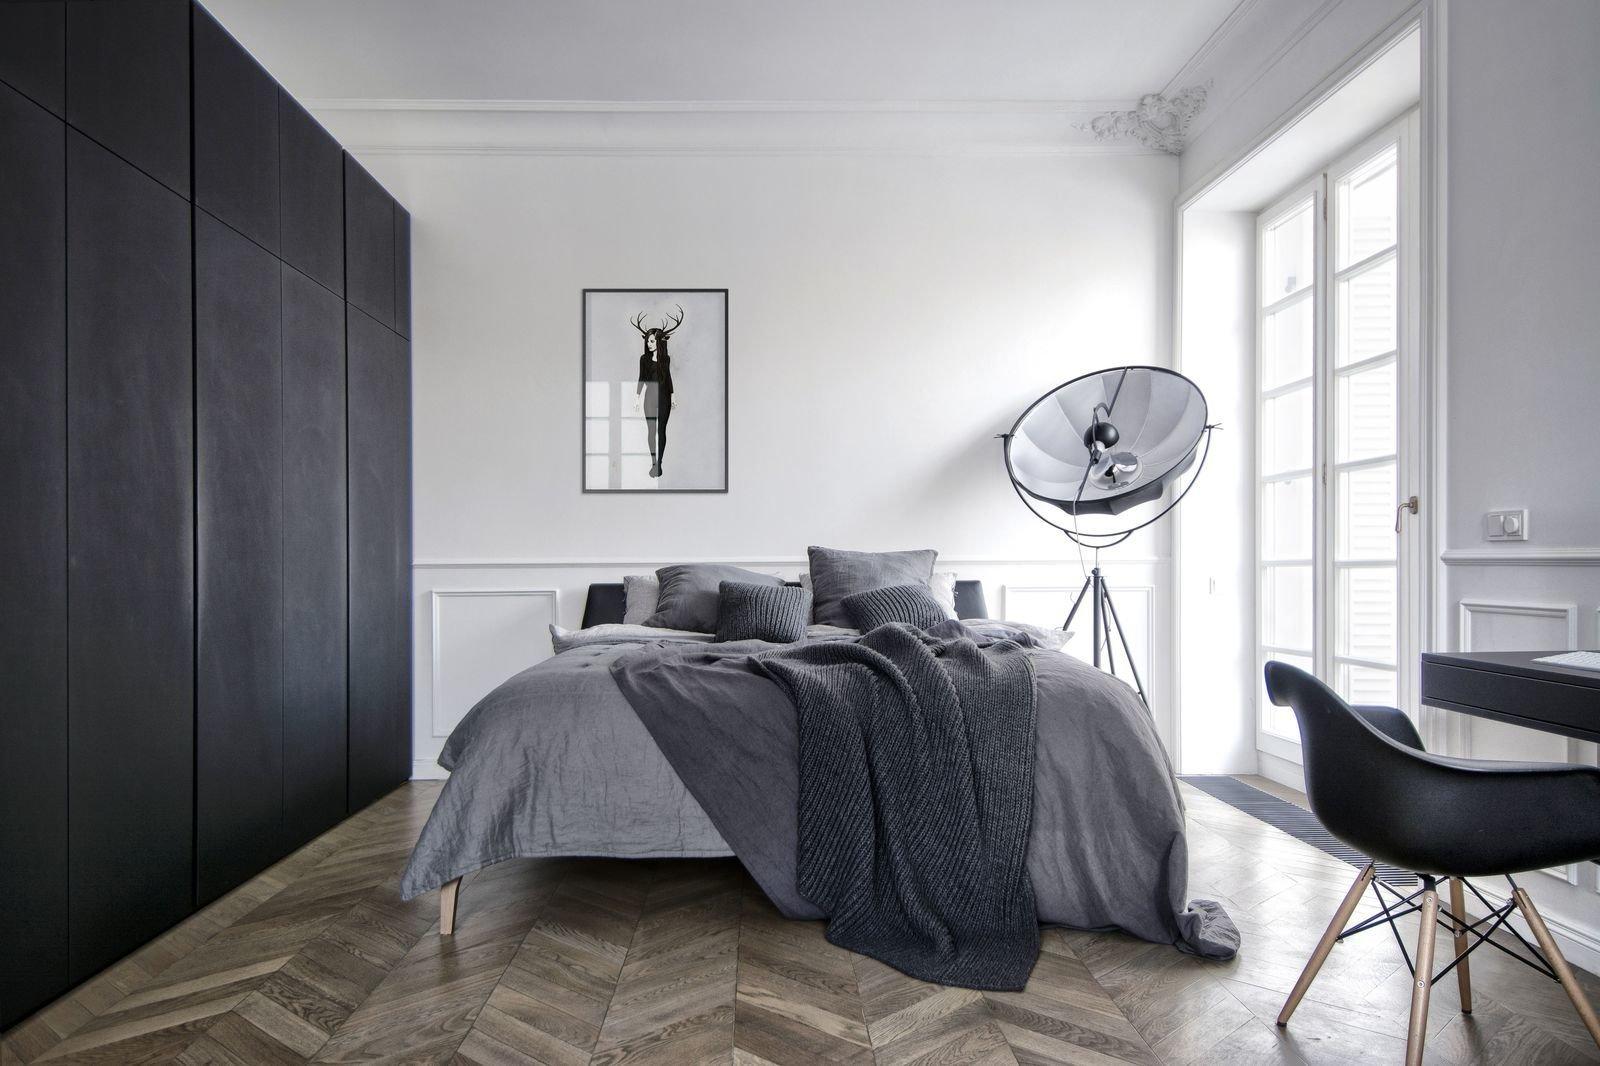 Bedroom, Lamps, Bed, Floor, and Medium Hardwood  Best Bedroom Medium Hardwood Floor Photos from Interior AM